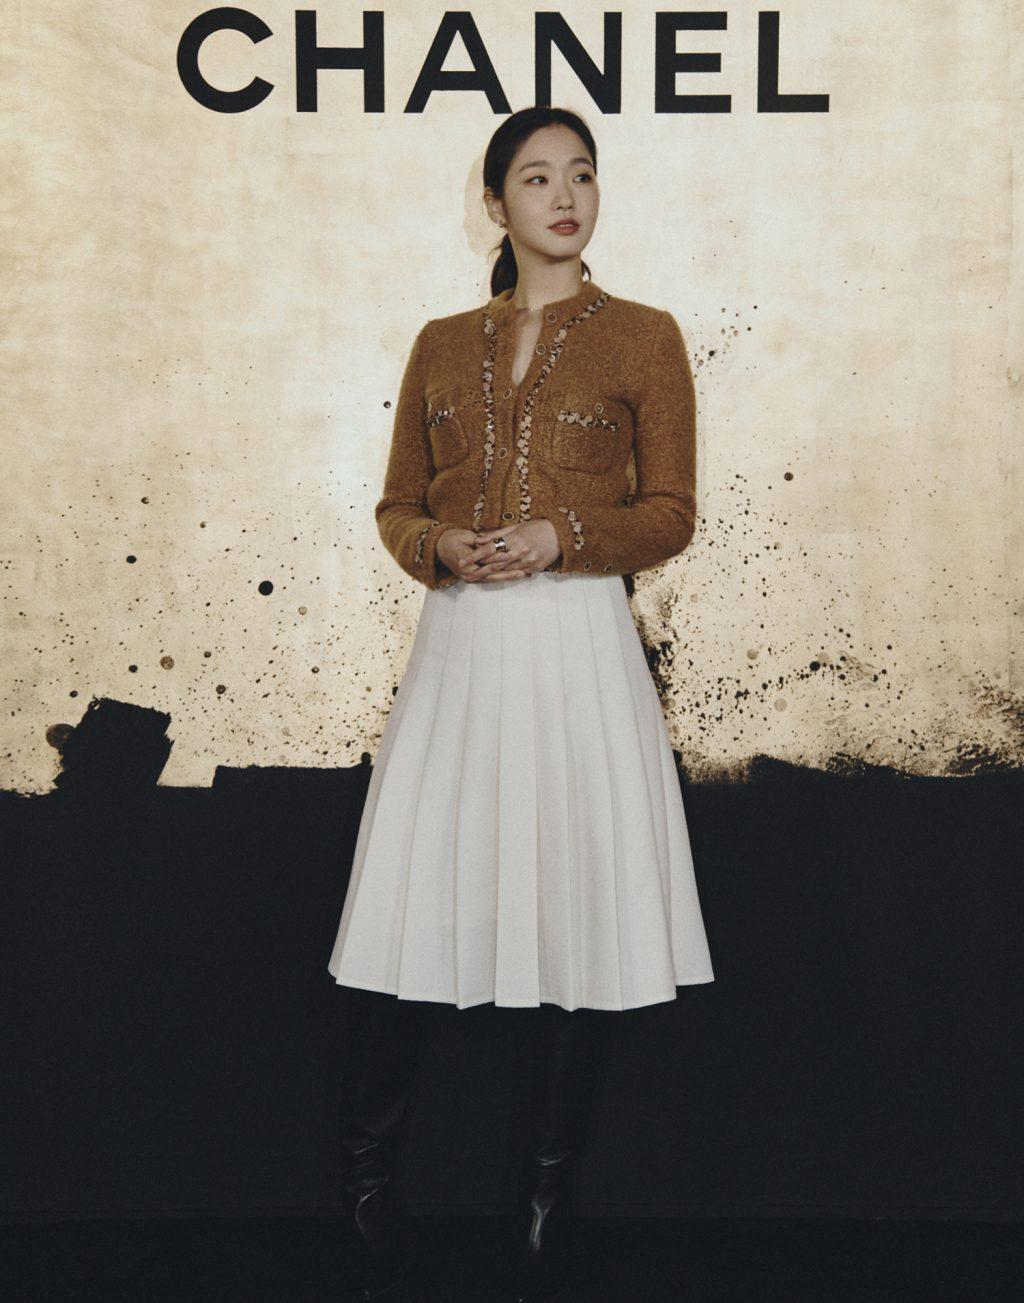 kim go eun mặc áo cardigan vải cashmere màu nâu và chân váy xếp li trắng tại chanel's métiers d'art show